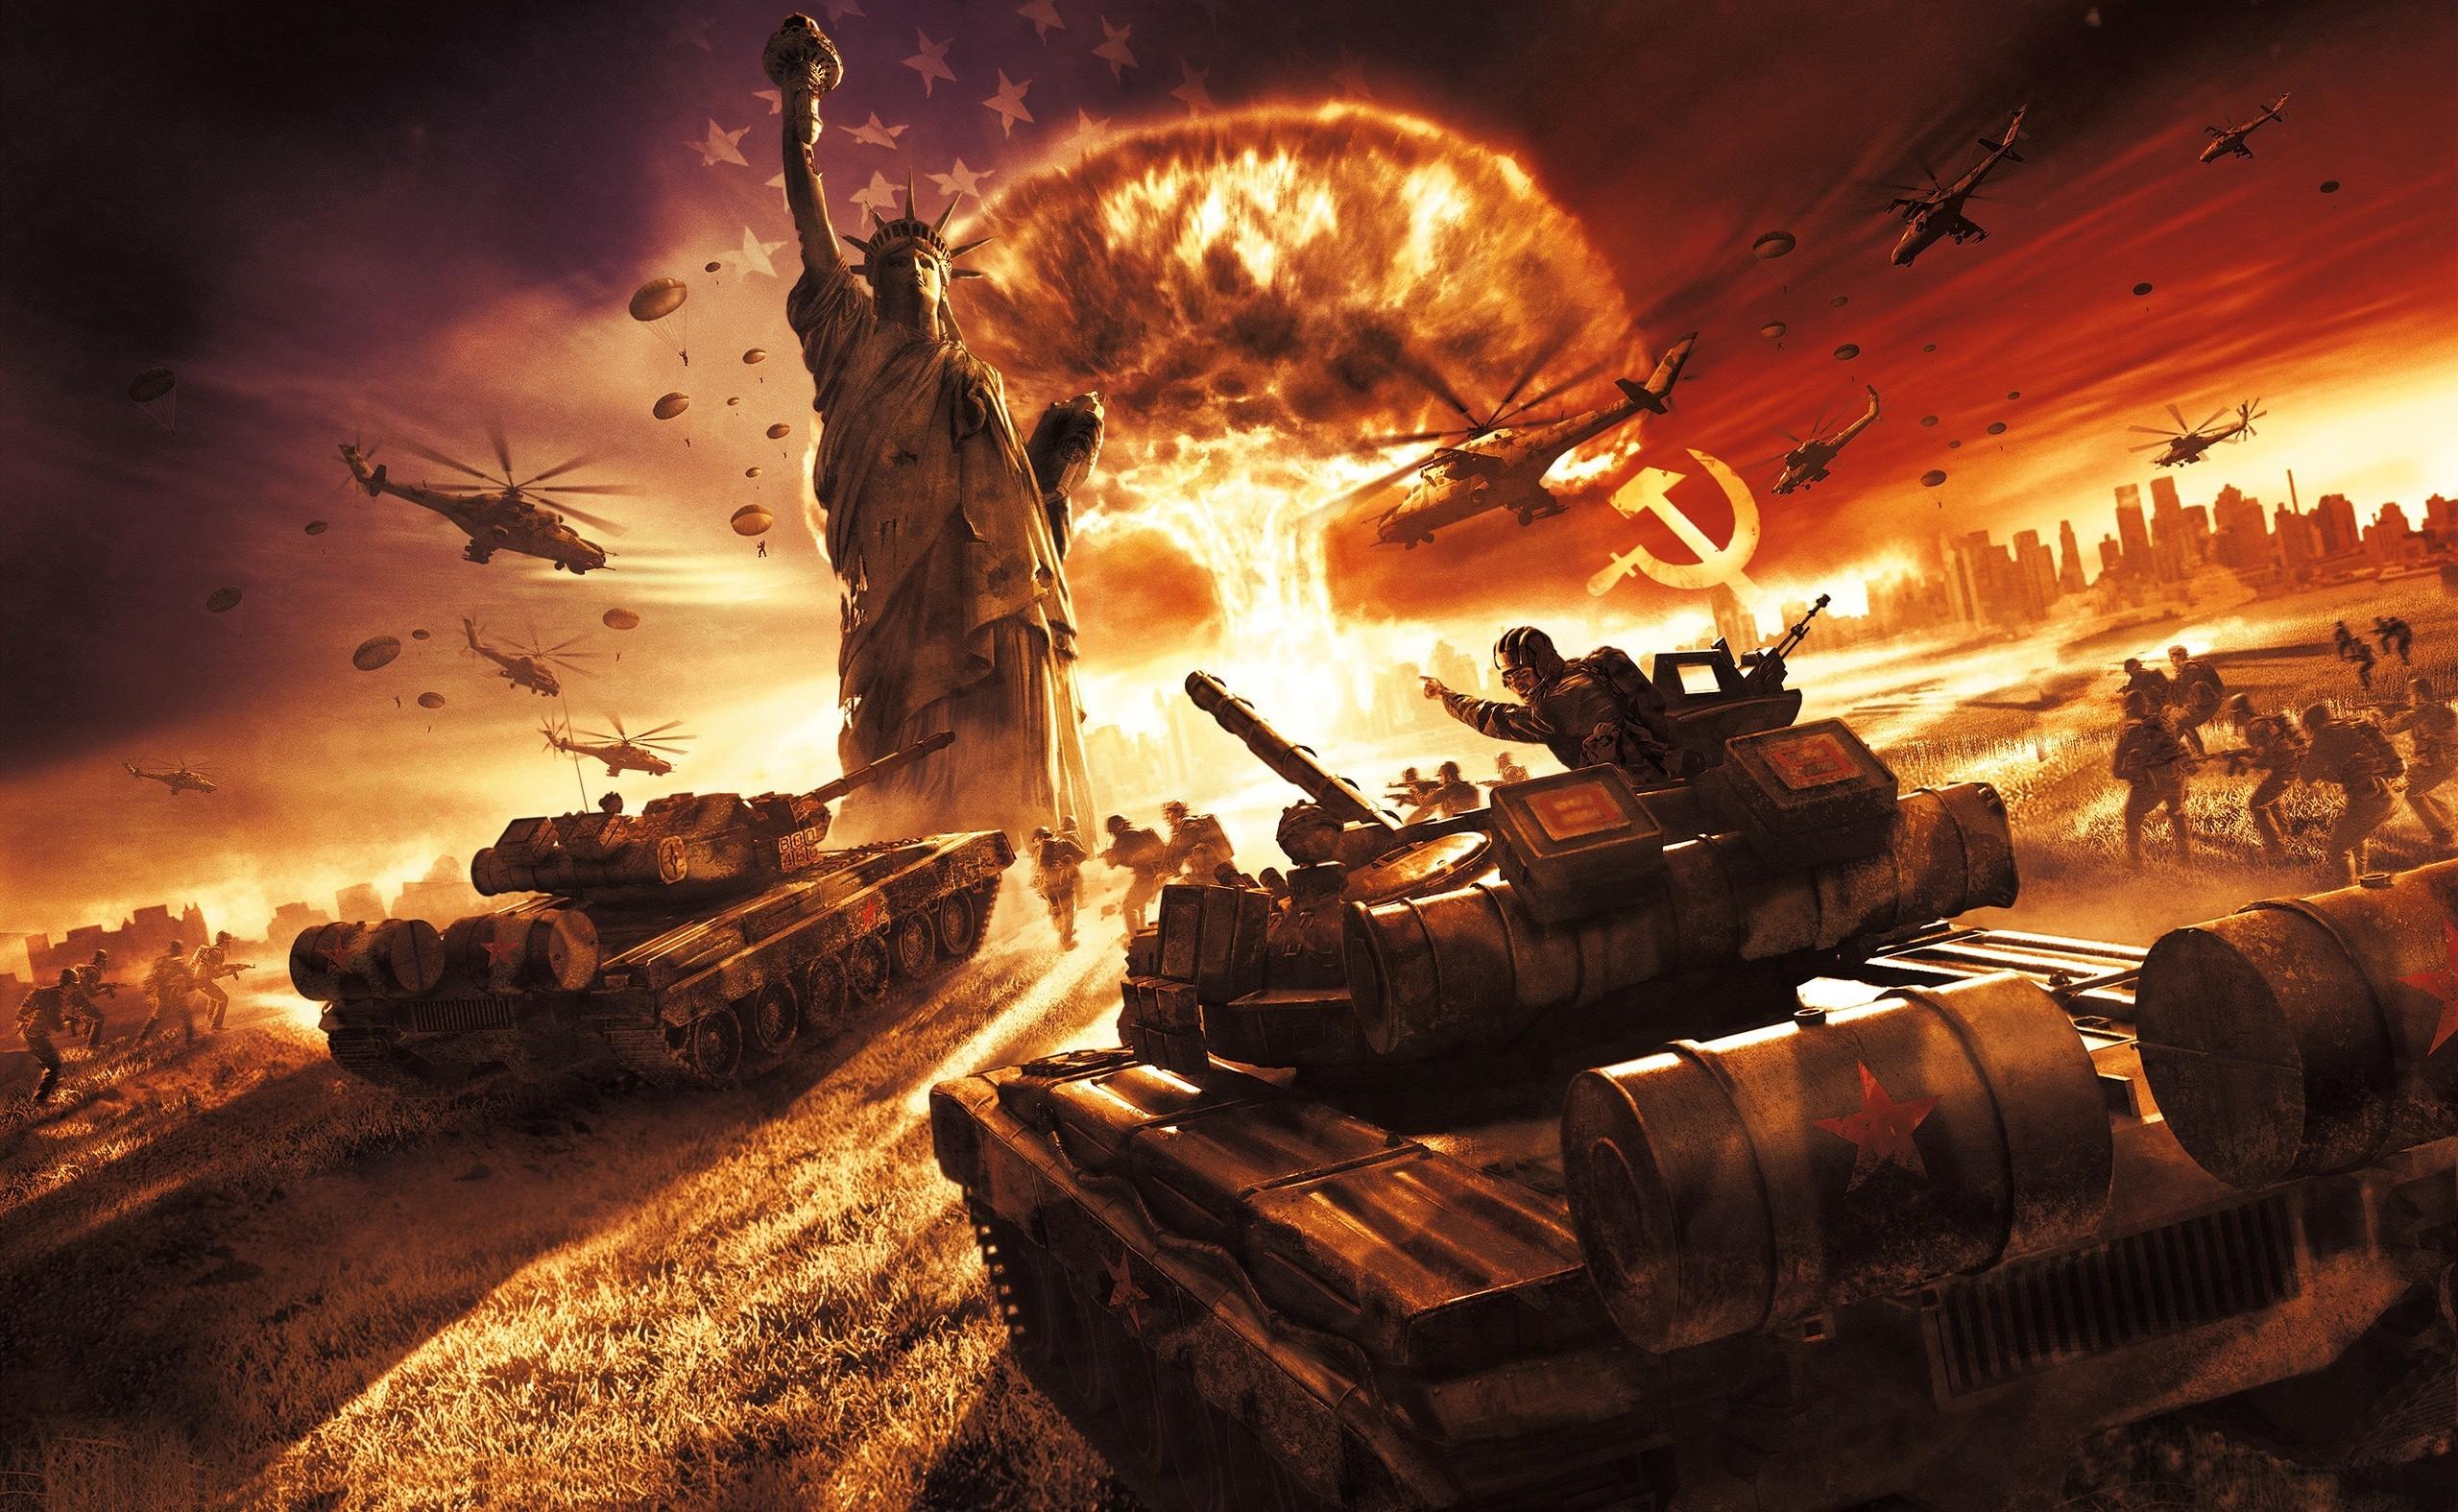 атомный взрыв, СССР, Америка, обои для рабочего стола